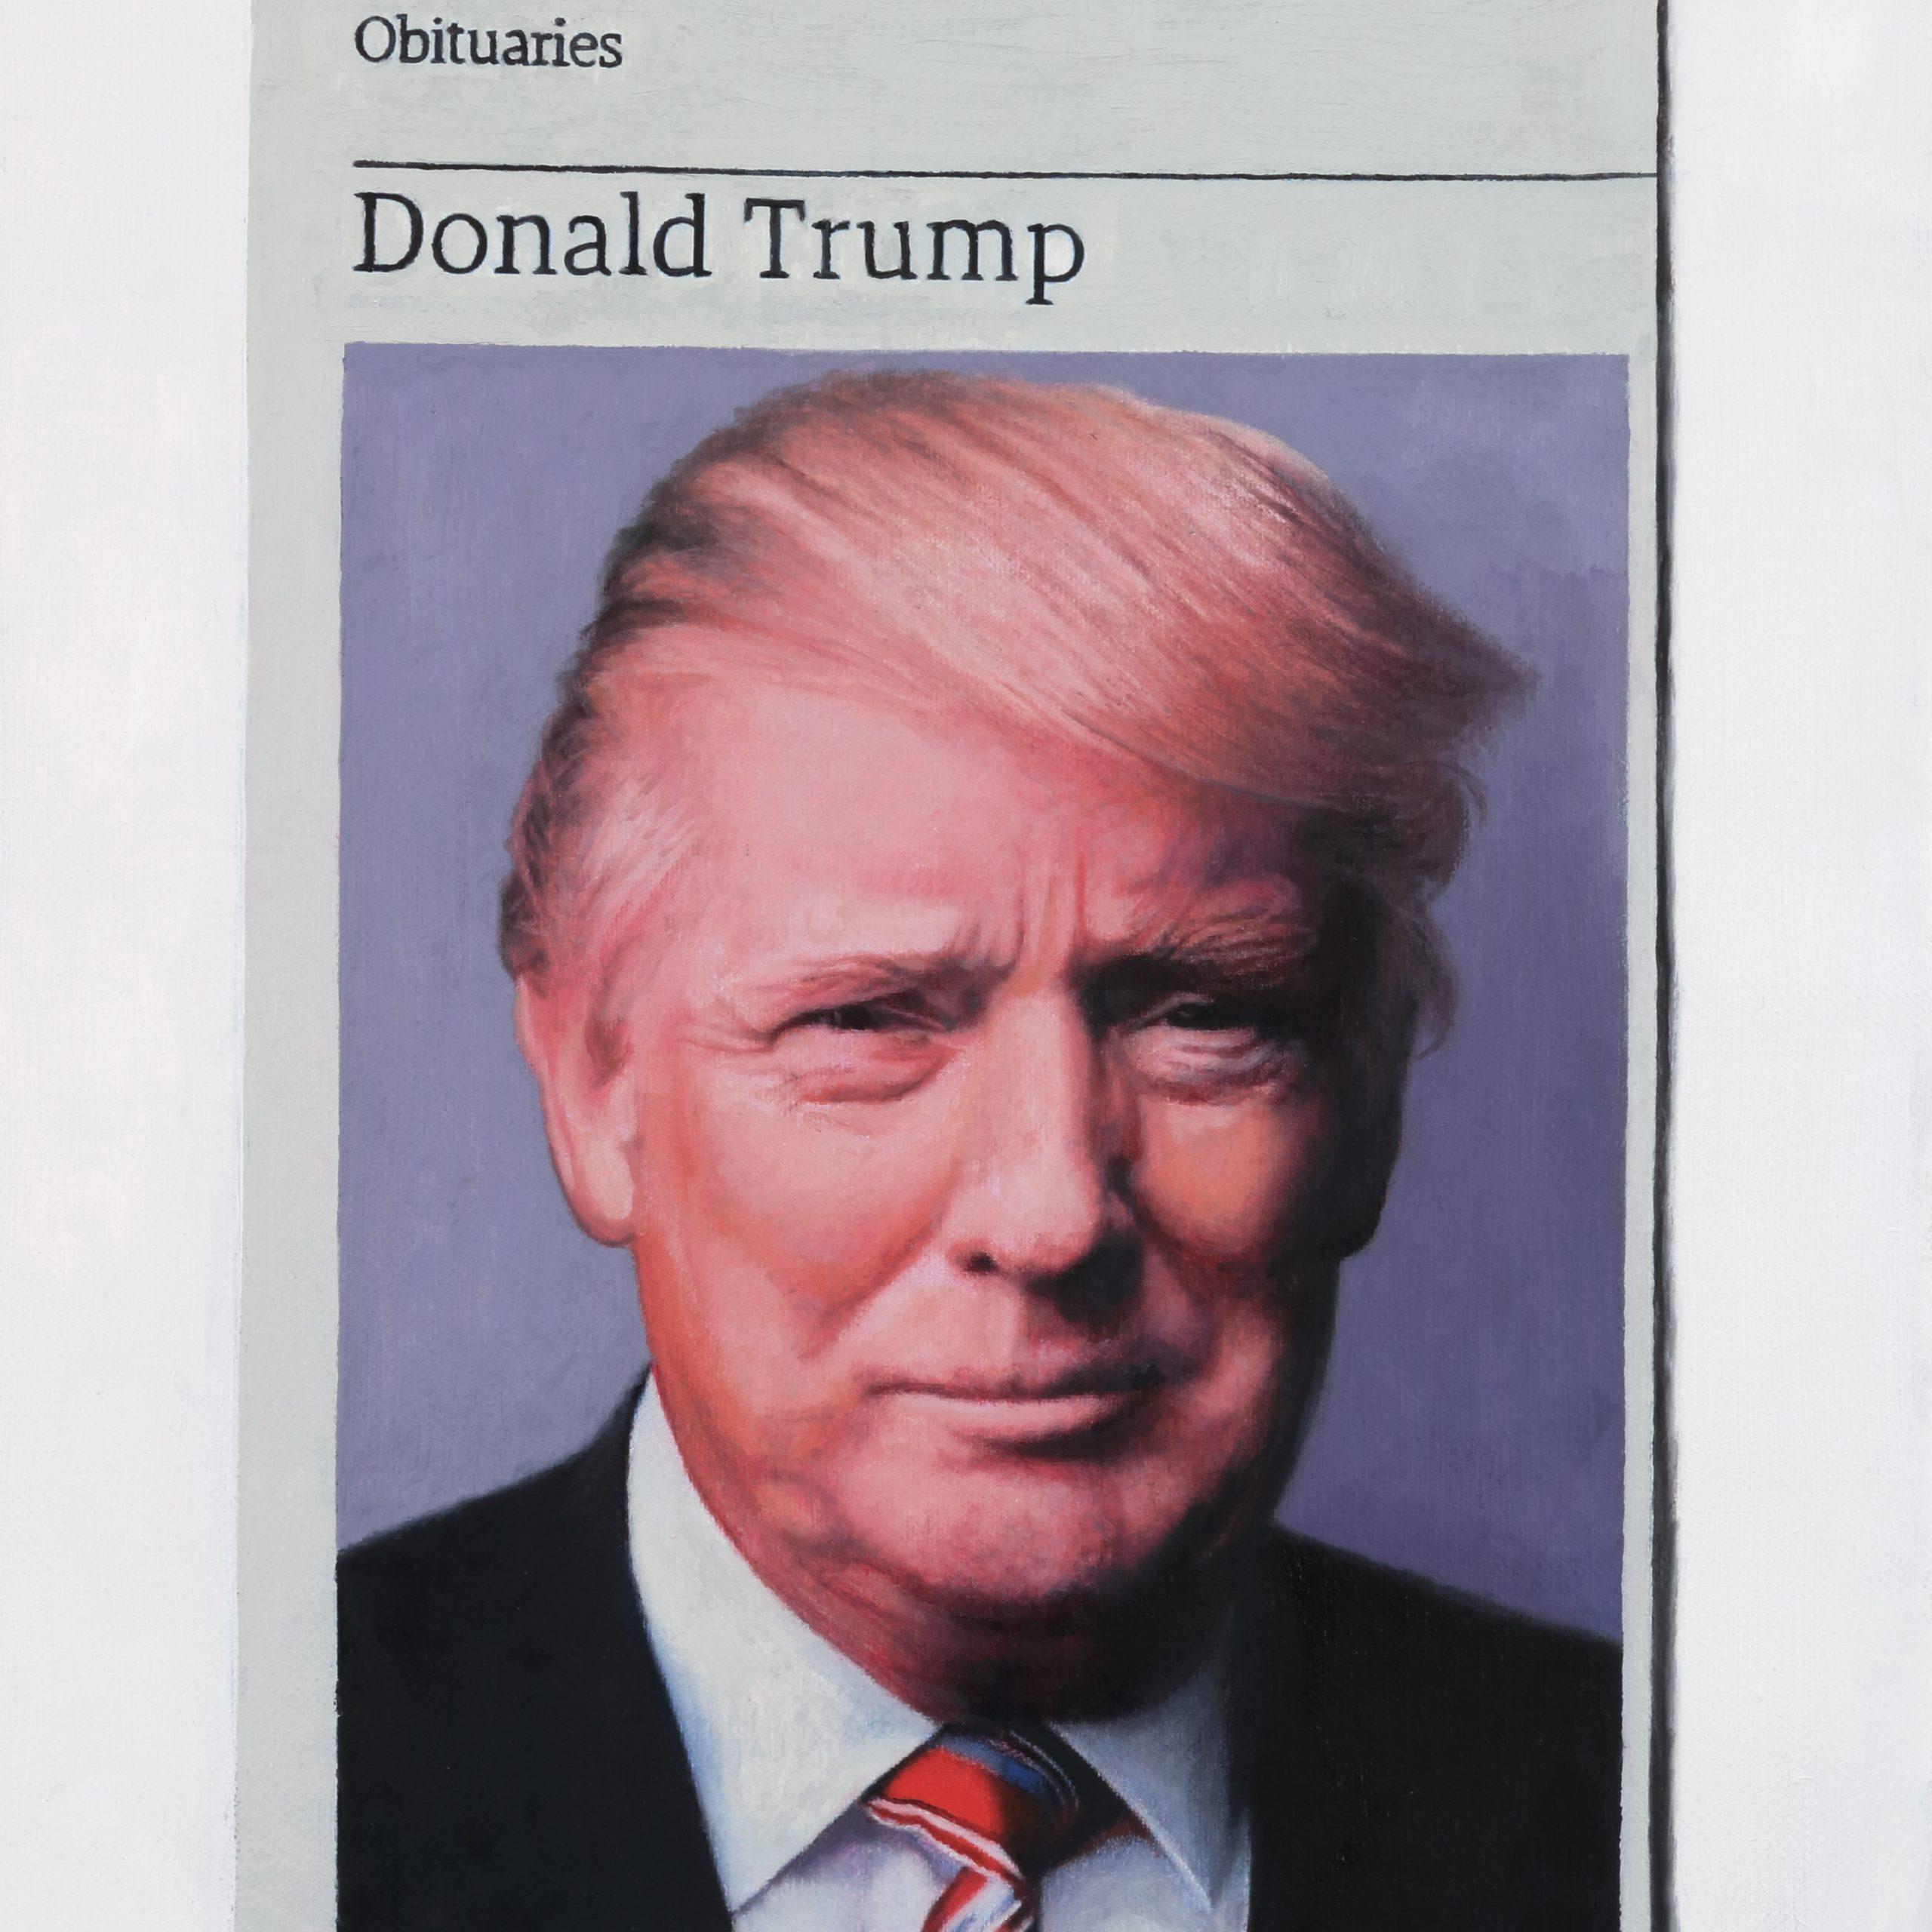 Obituary: Donald Trump, Hugh Mendes